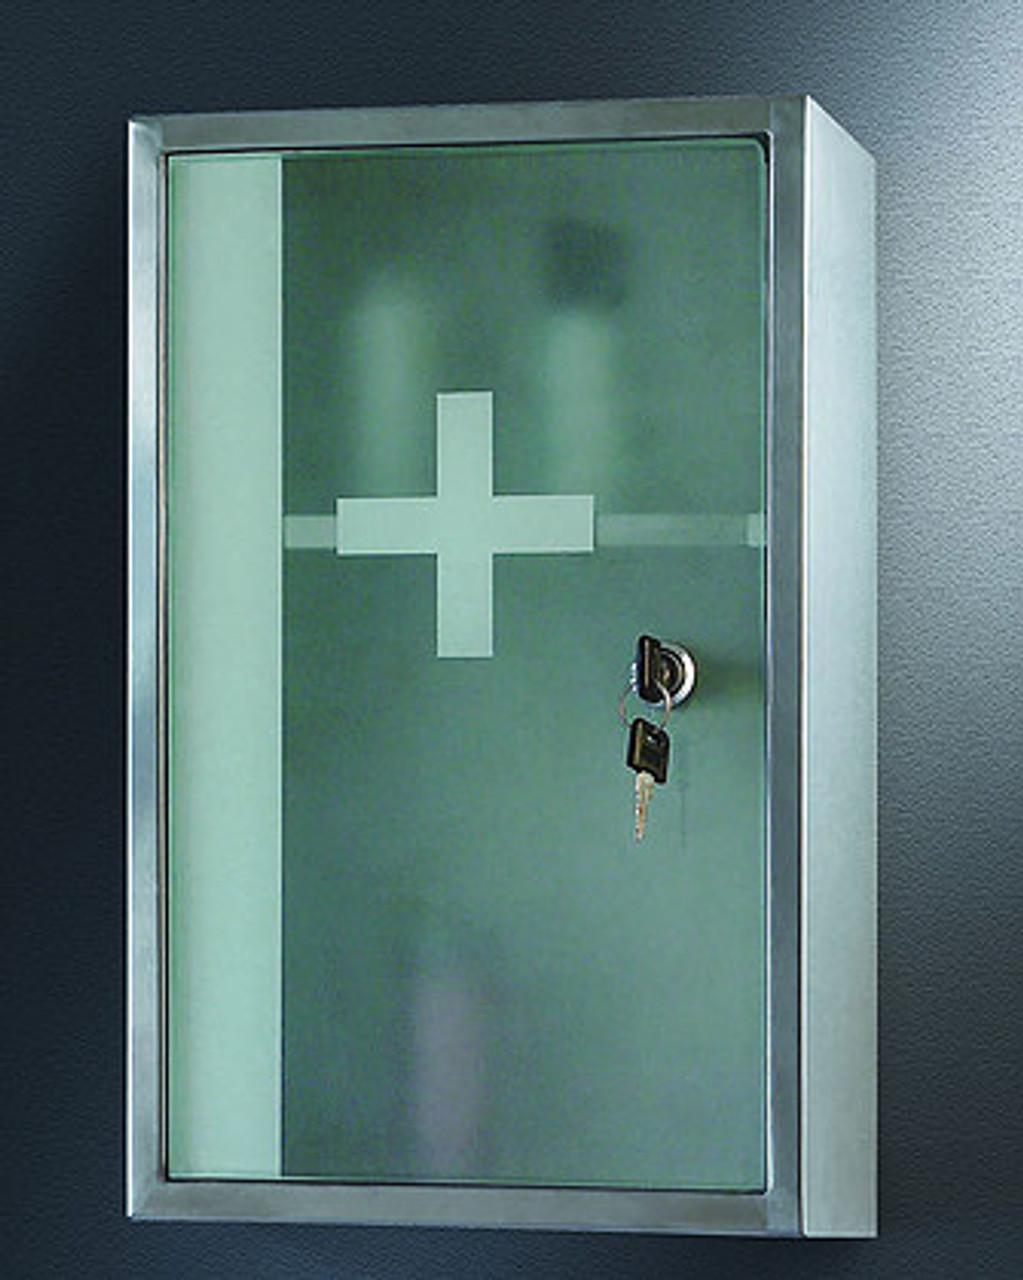 Ketcham Lockable Medicine Cabinets Lockable Series